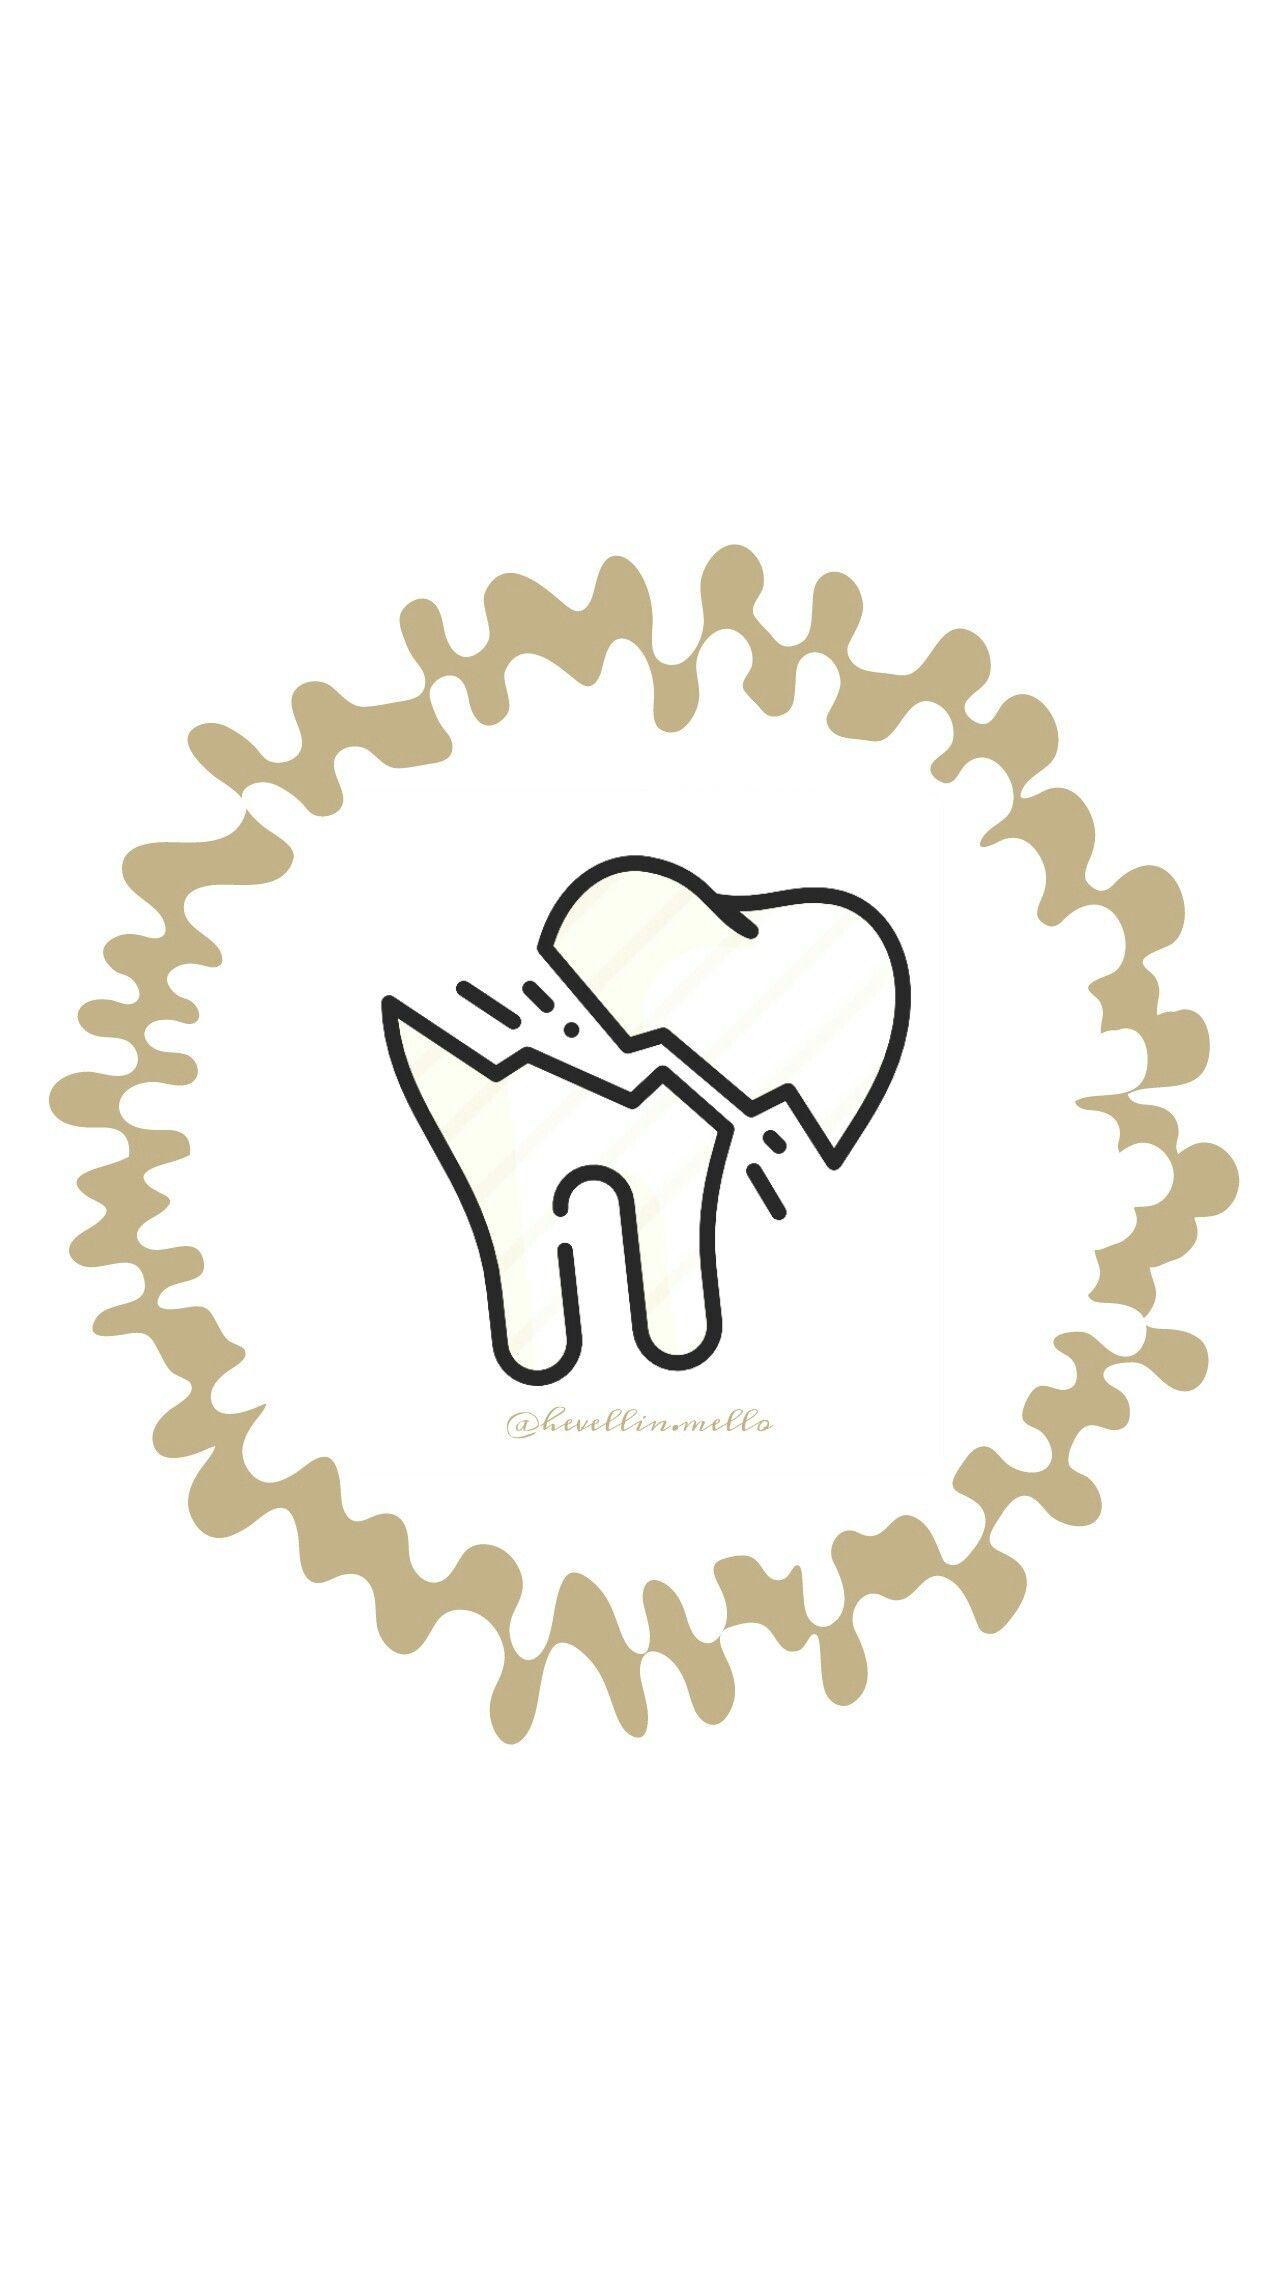 картинки для инстаграма стоматология своей сути они